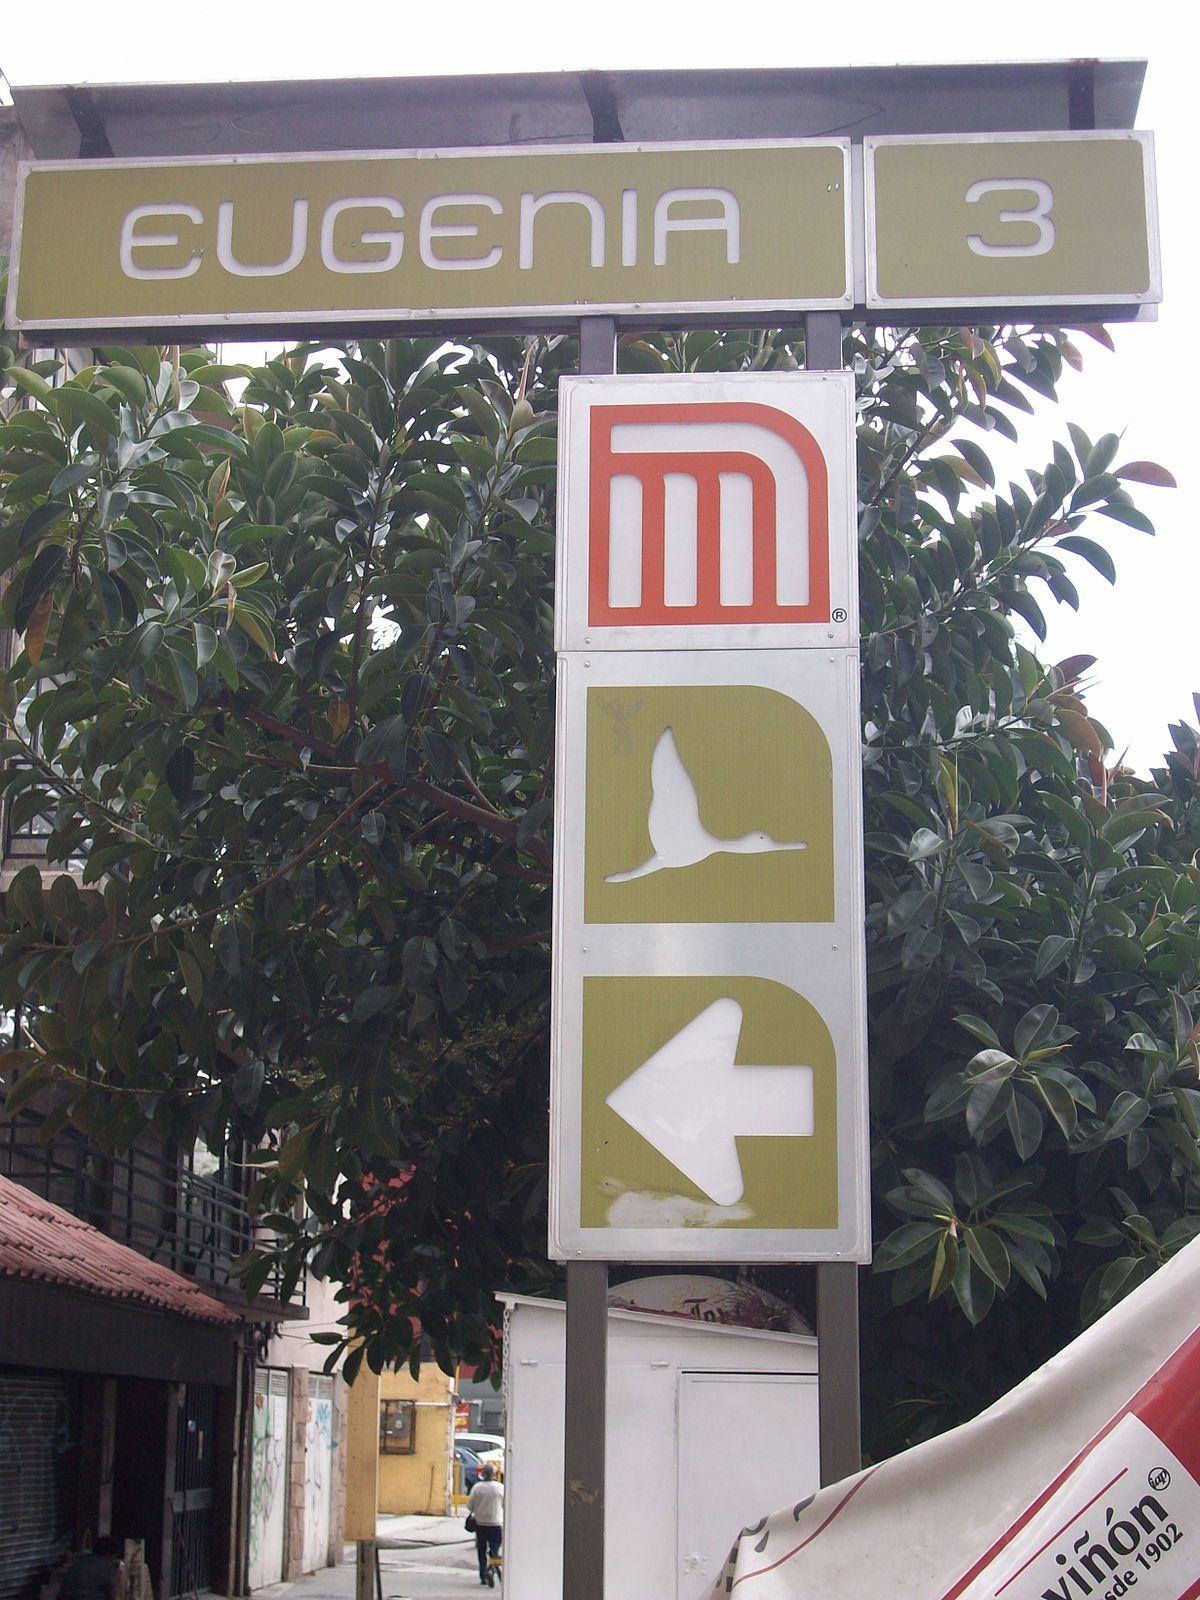 Metro de mexico - 1 part 3